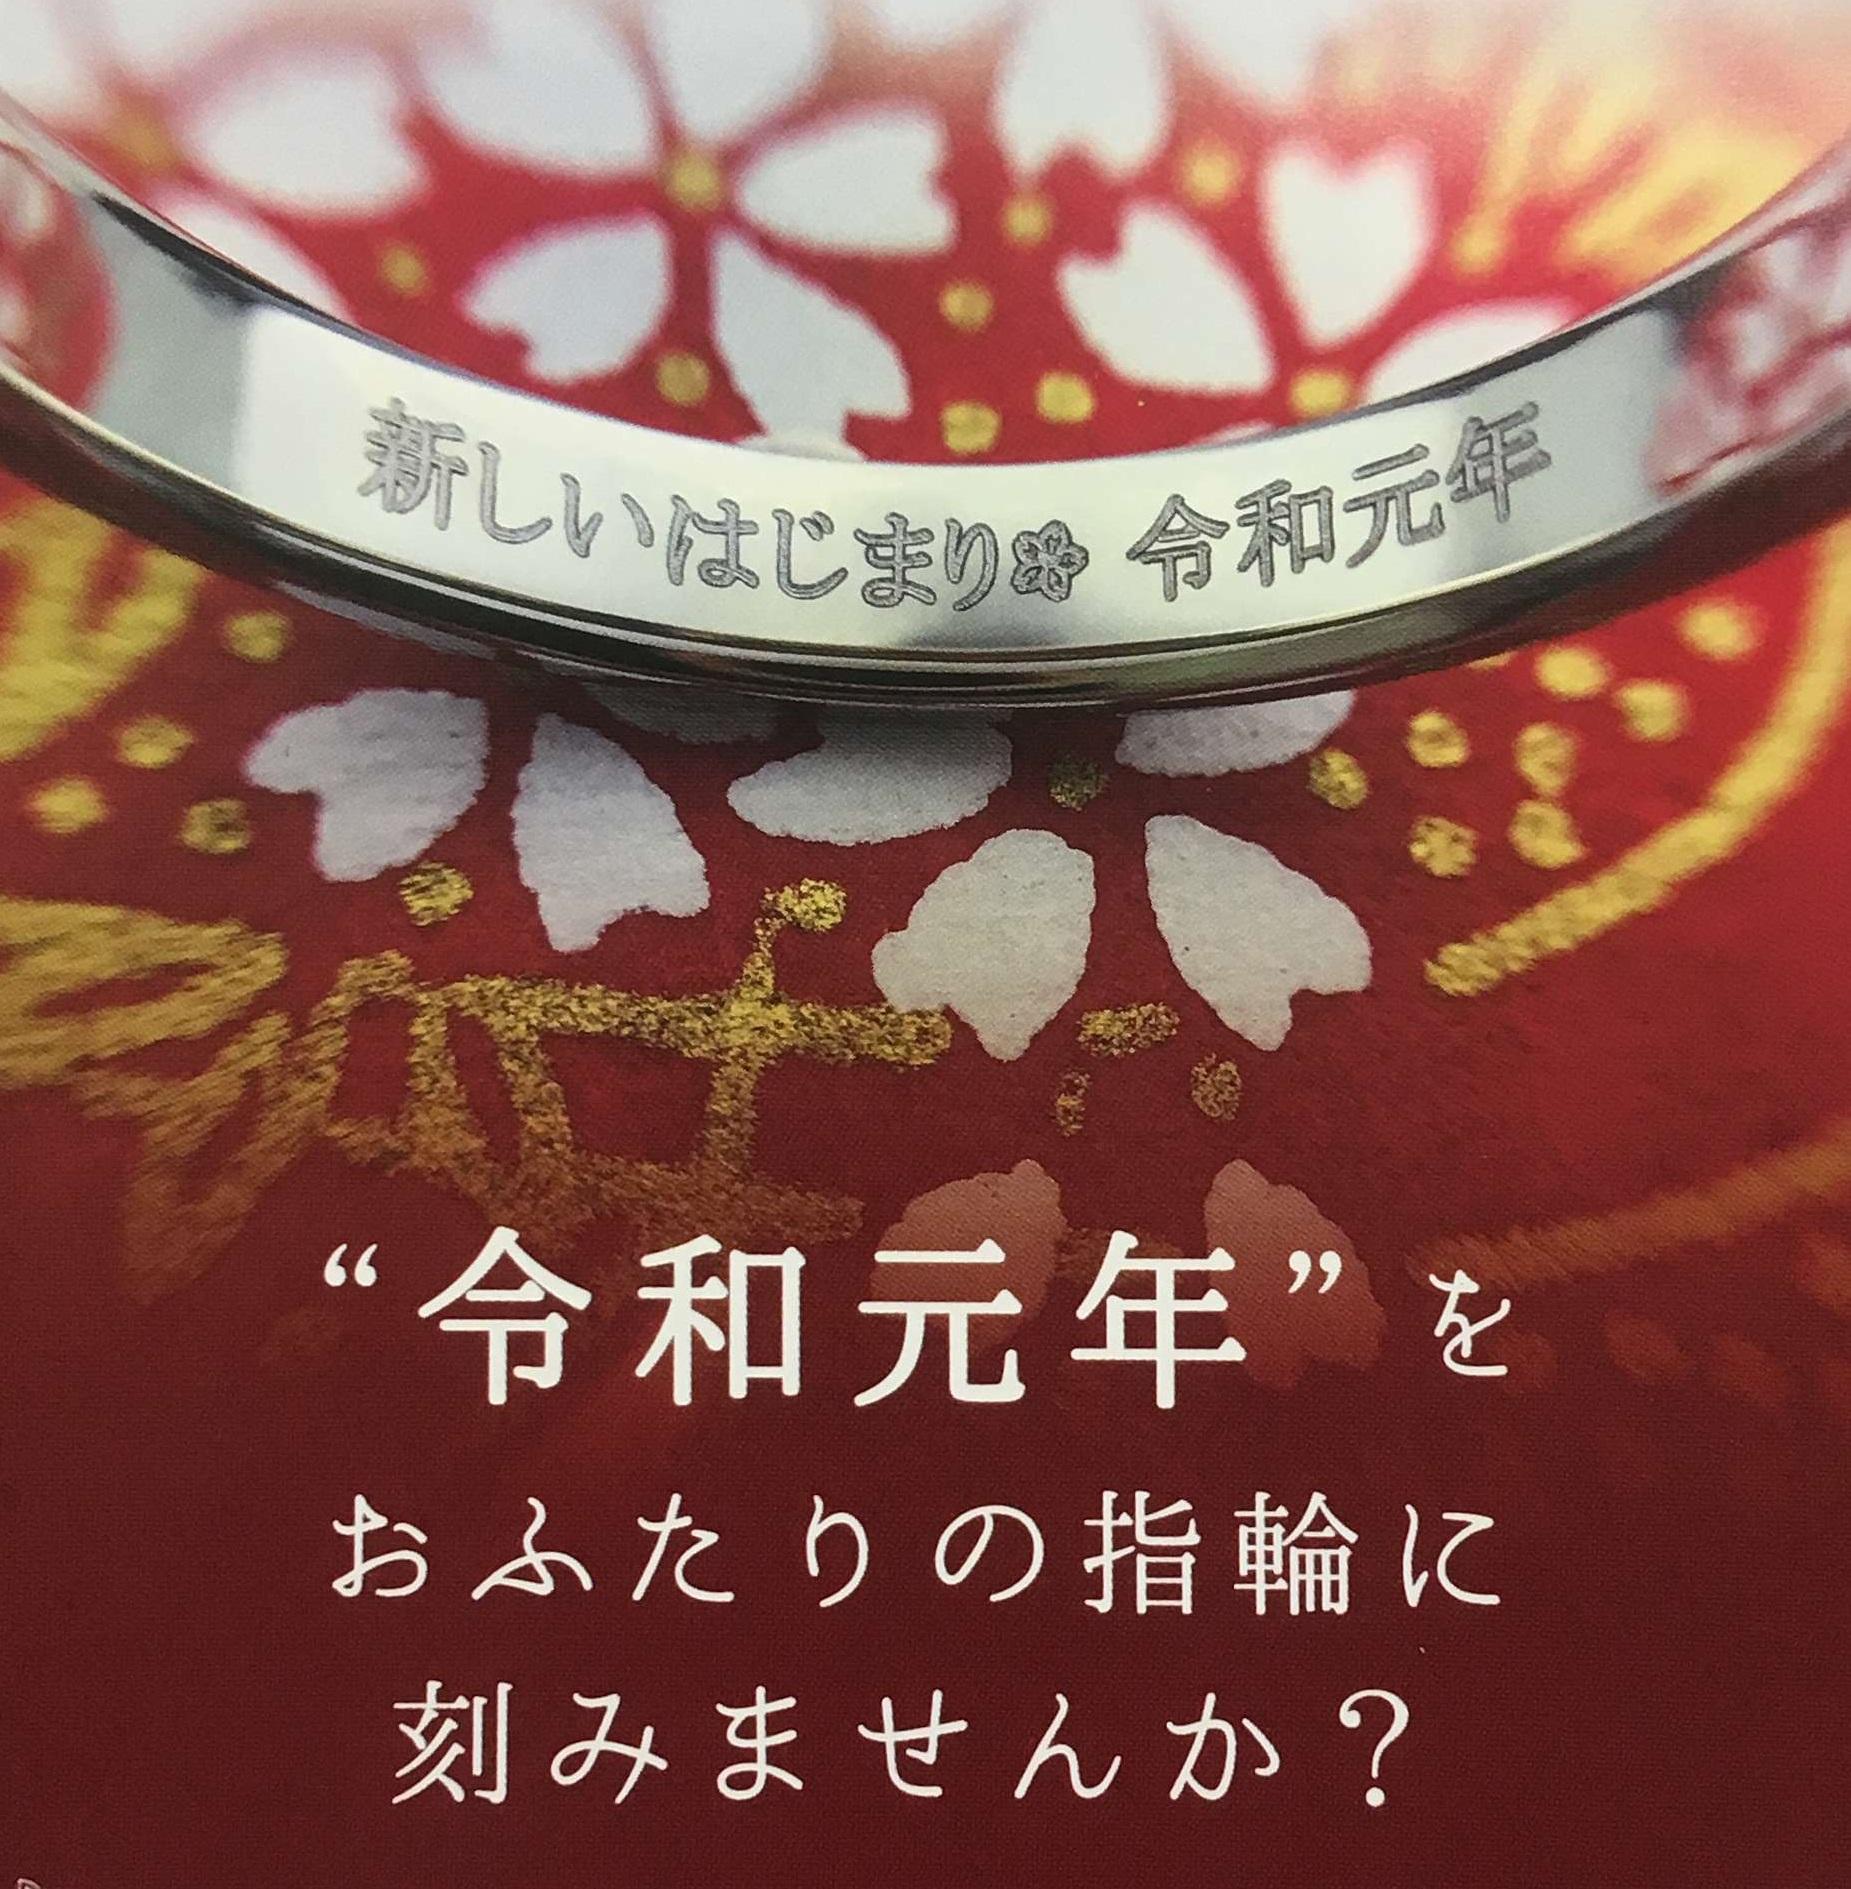 令和の刻印が入る結婚指輪